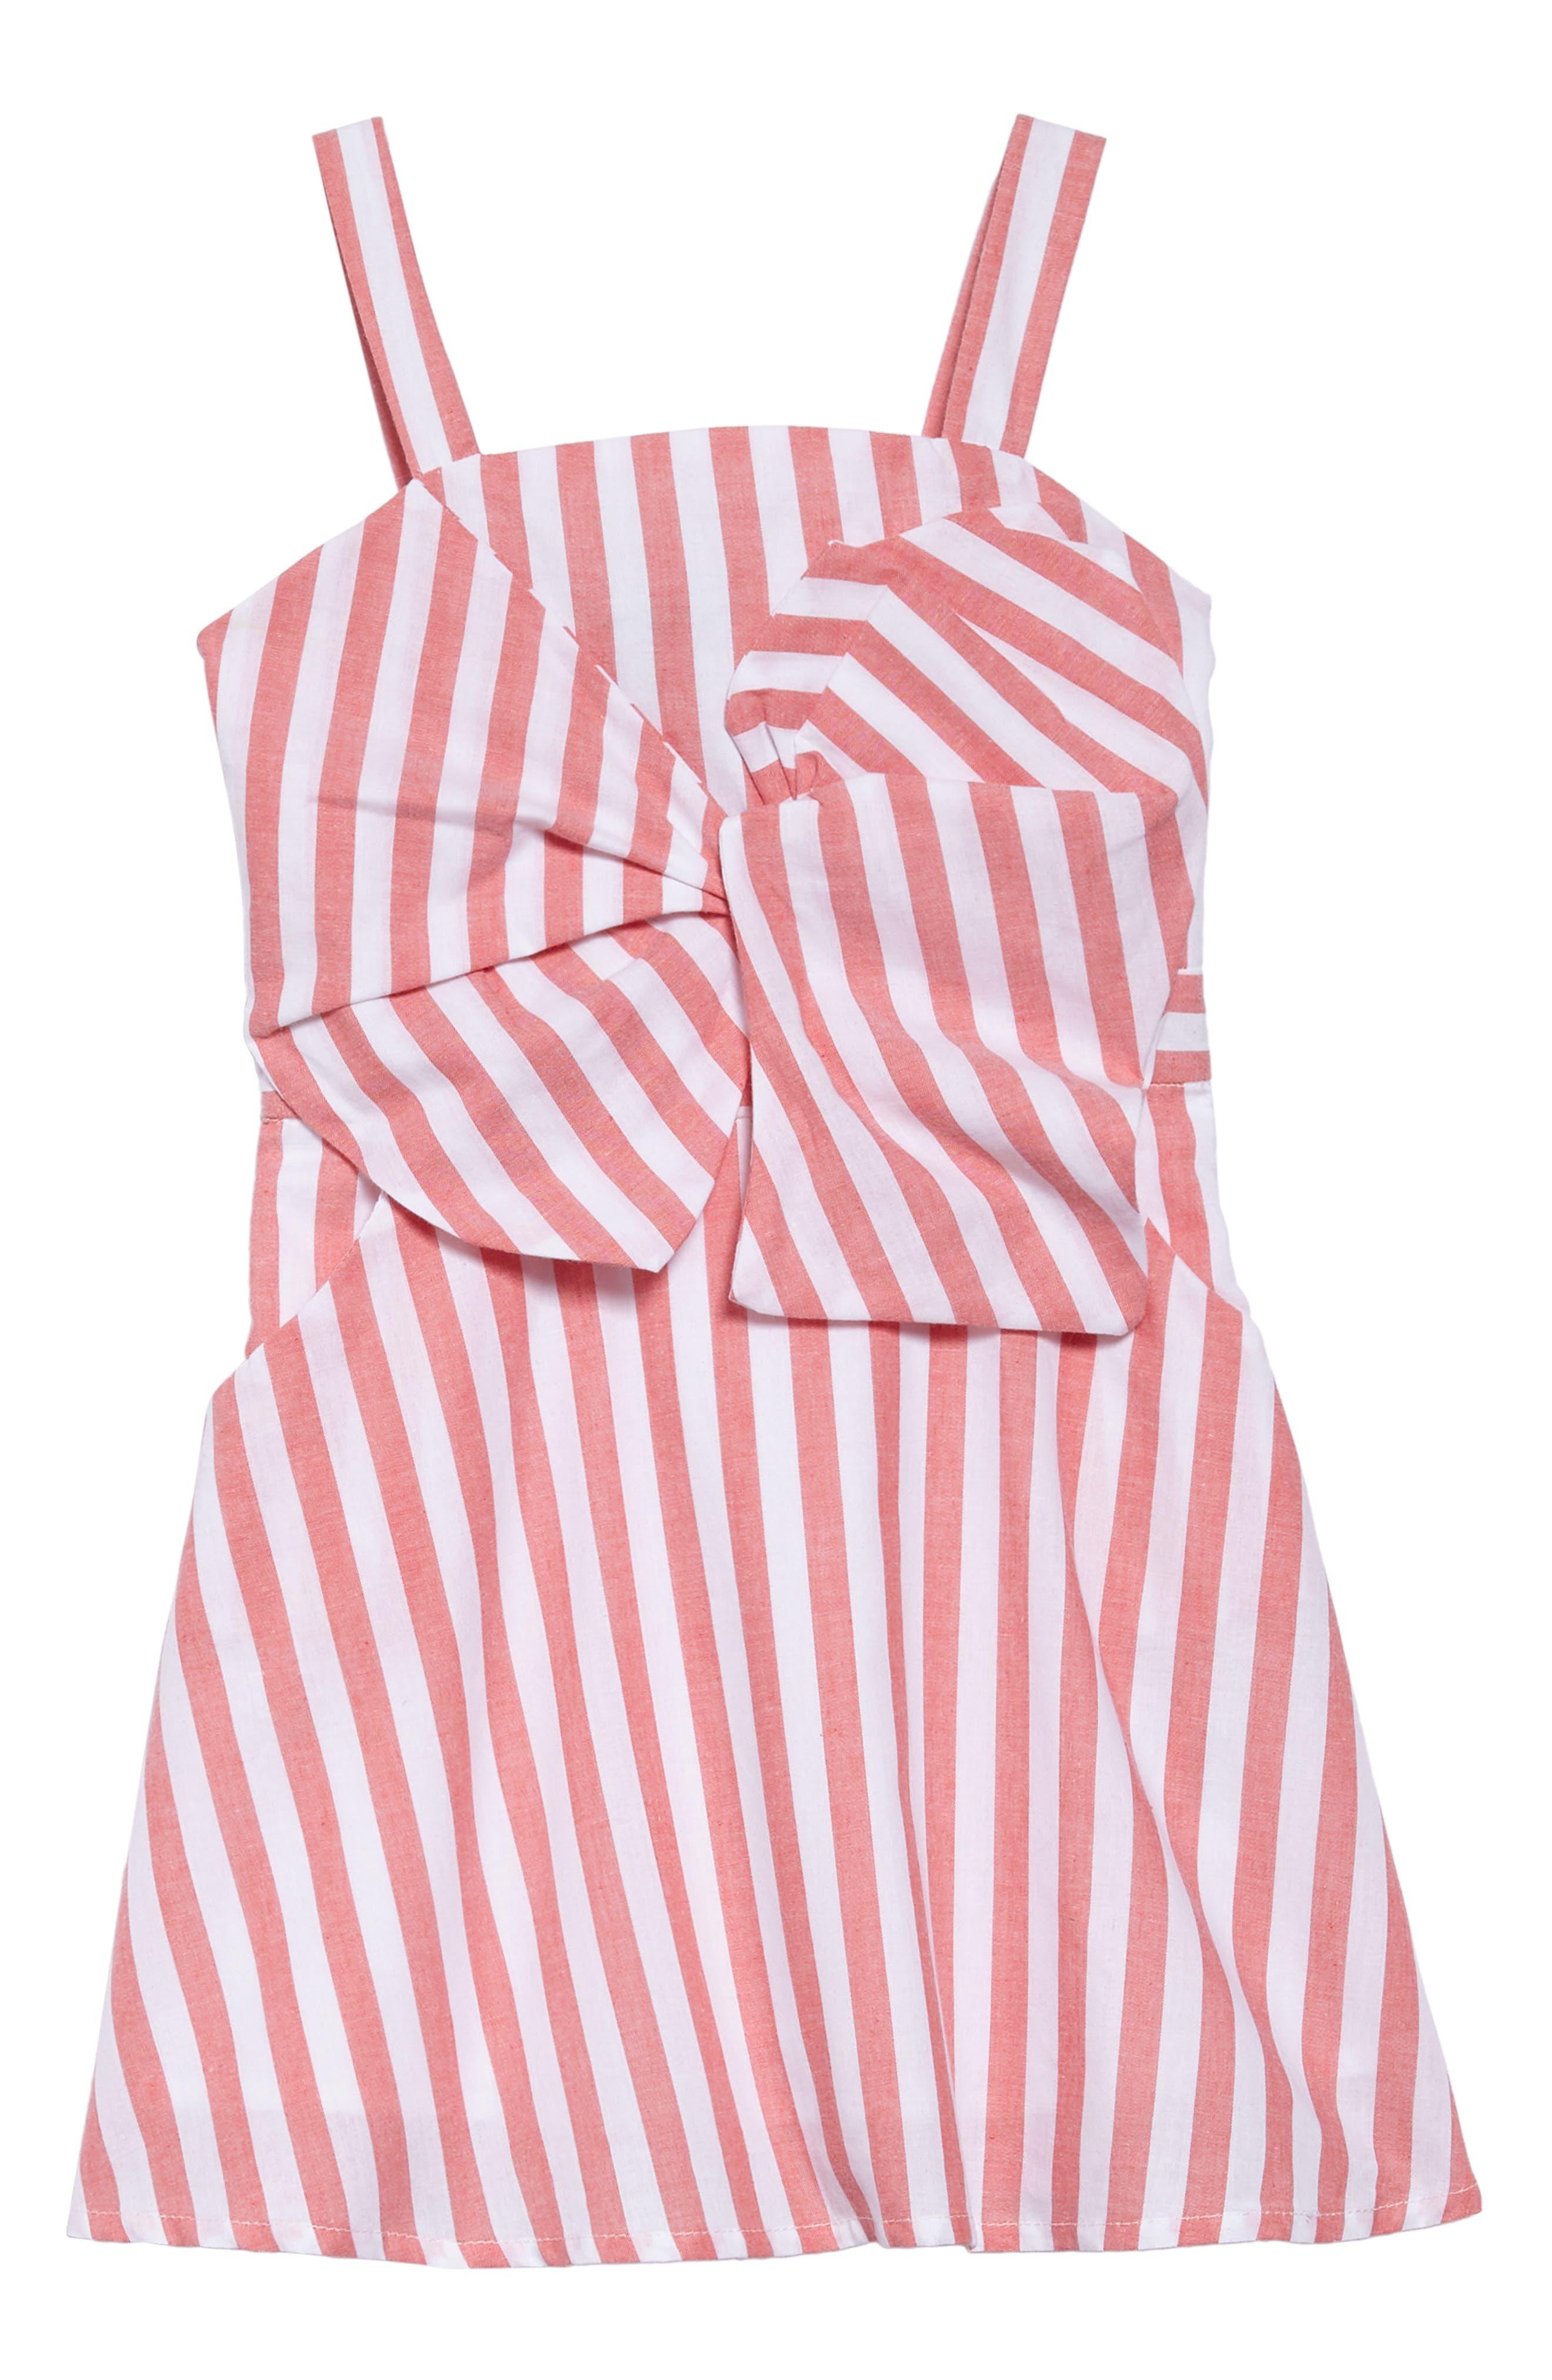 Main Image - Bardot Junior Mable Stripe Dress (Toddler Girls & Little Girls)